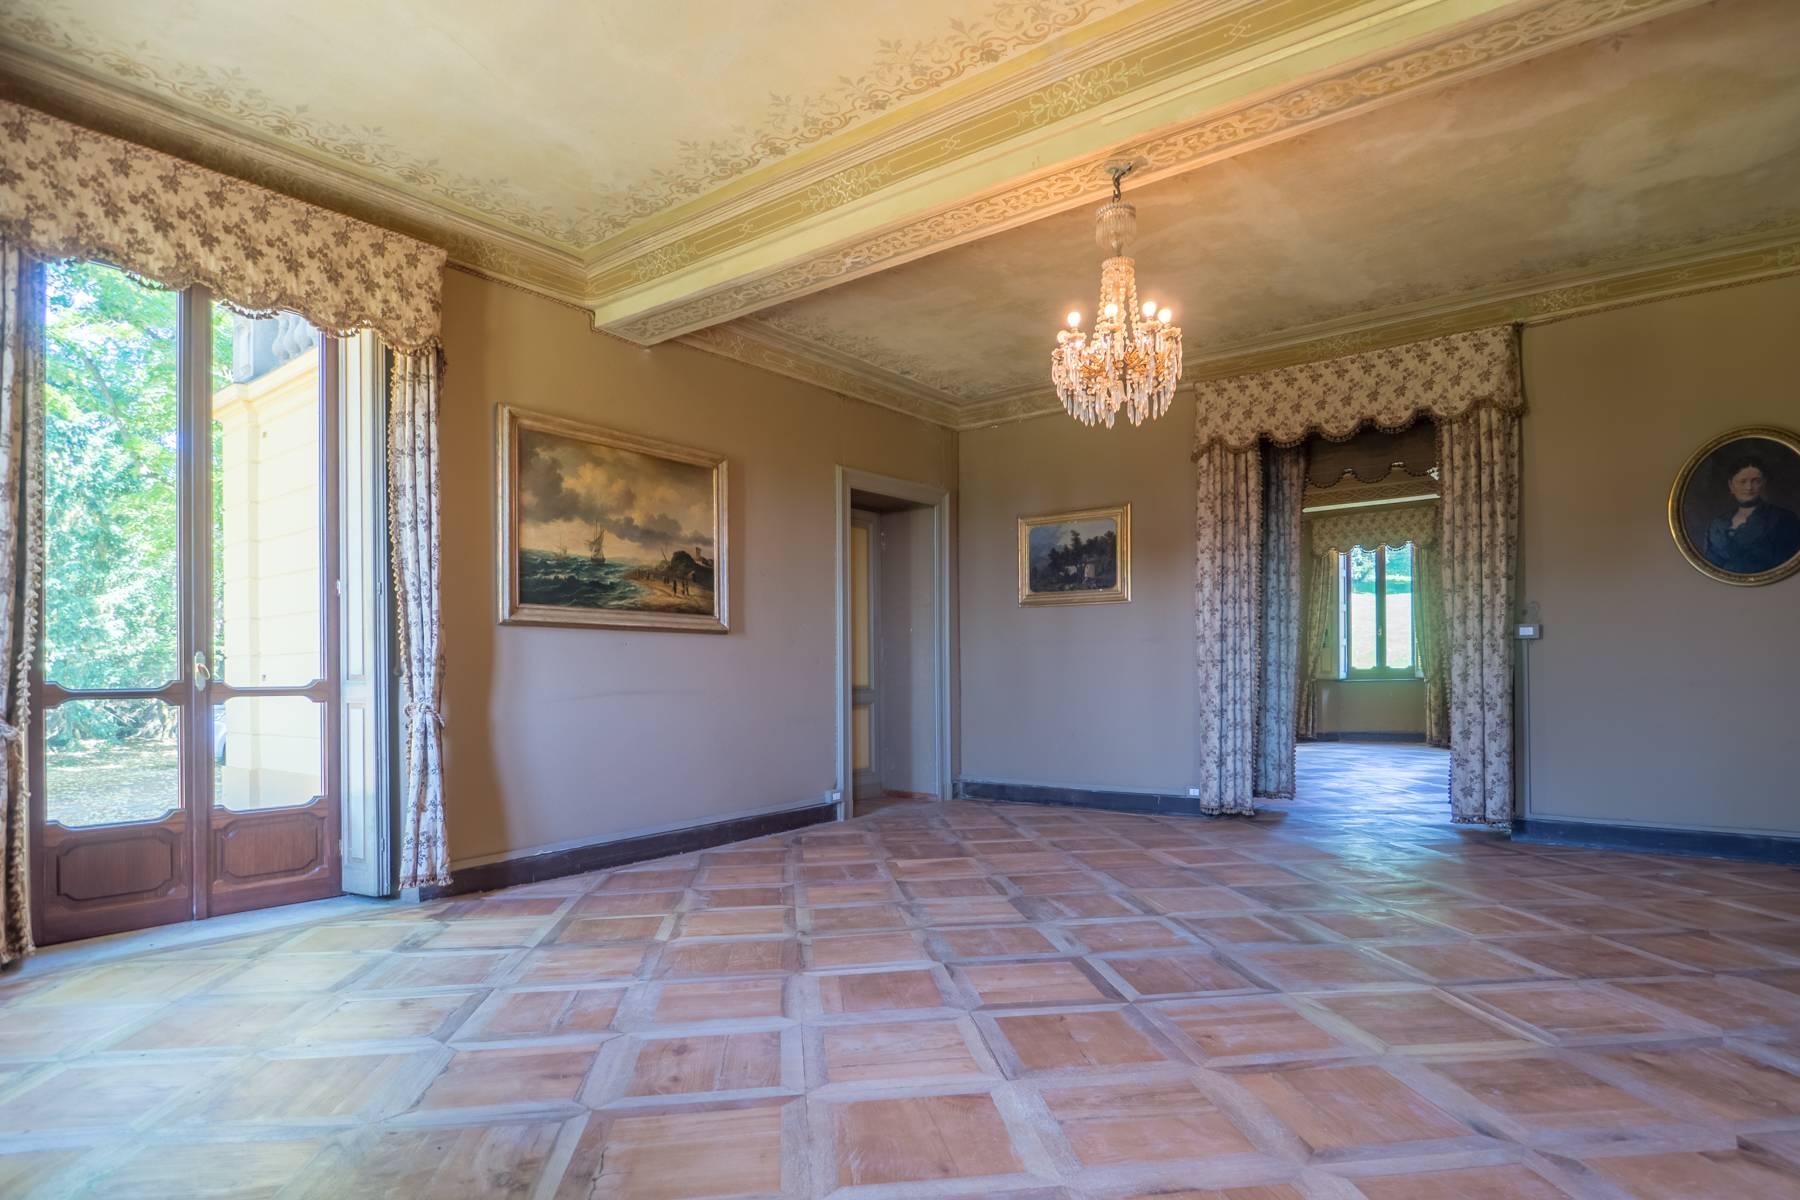 Villa in Vendita a Moncalieri: 5 locali, 983 mq - Foto 3